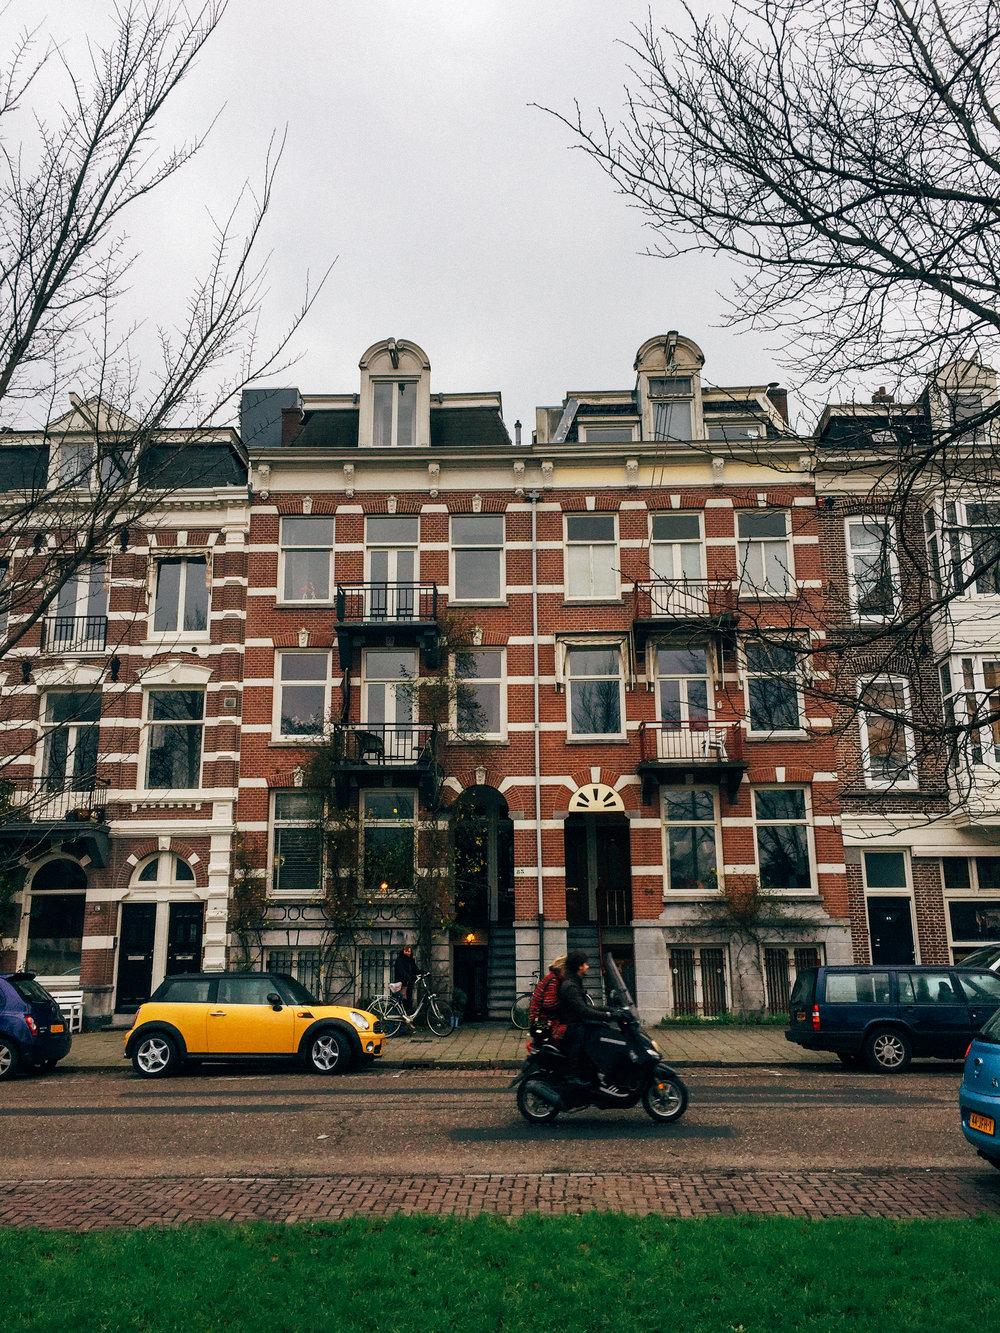 NYE in Amsterdam_QuinnsPlace-2-2.jpg